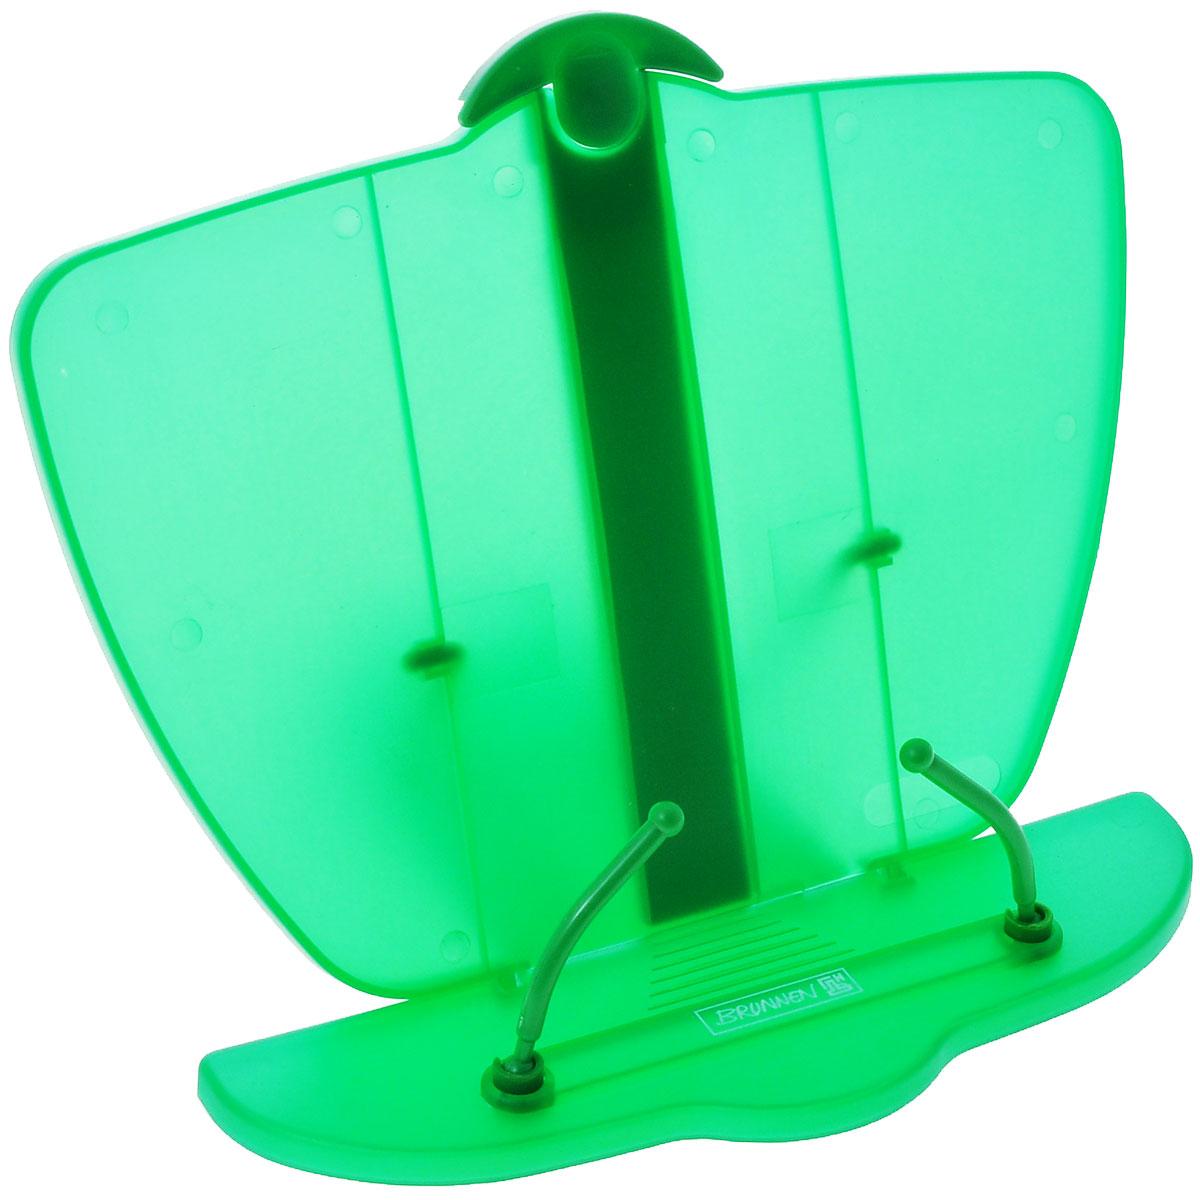 Brunnen Подставка для учебников, цвет: зеленый40402\BCD_зеленыйПодставка для учебников Brunnen, выполненная из полупрозрачного прочного пластика синего цвета. Удобная и устойчивая подставка специально предназначена в помощь в обучении, а несколько ступеней креплений сделает удобным наклон в соответствии со всеми индивидуальными предпочтениями и привычками школьника. Она обязательно понравится первоклашке и станет отличным помощником в обучающем процессе, а также простимулирует его интерес к учебе. Рекомендуем!